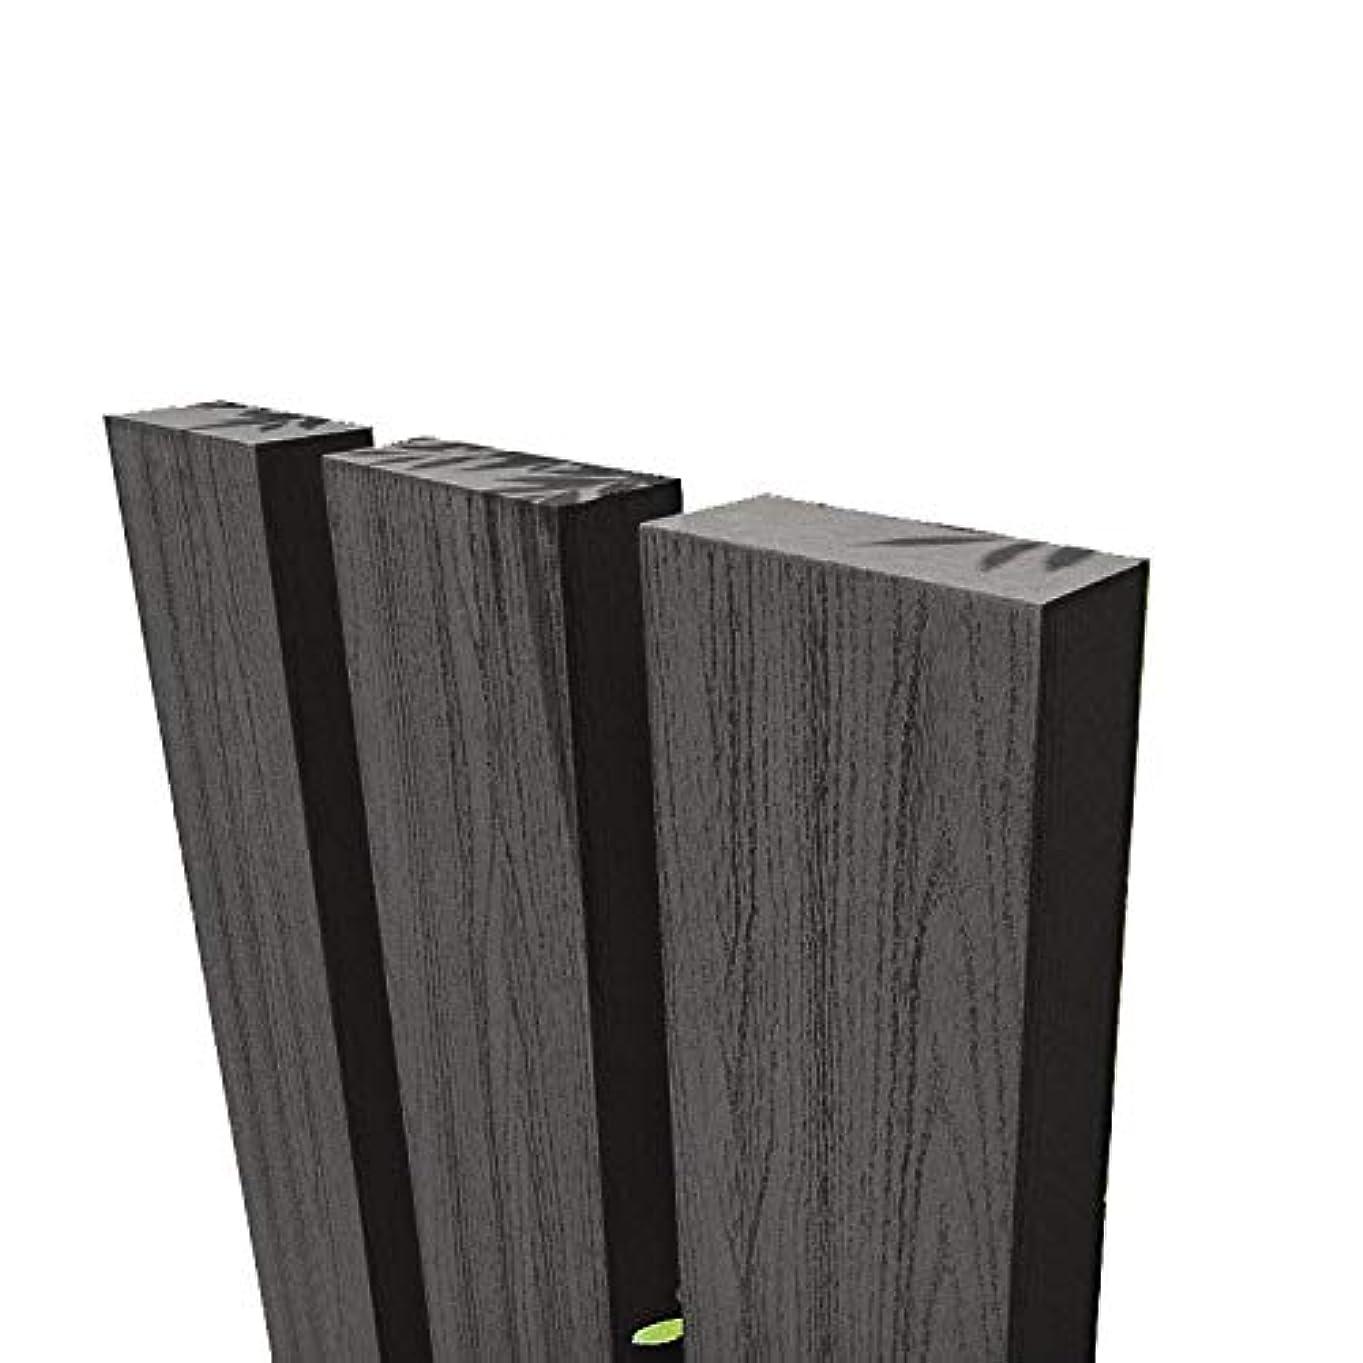 igarden アイガーデン 枕木 ブラック 210cm3本セット アイウッド人工木製